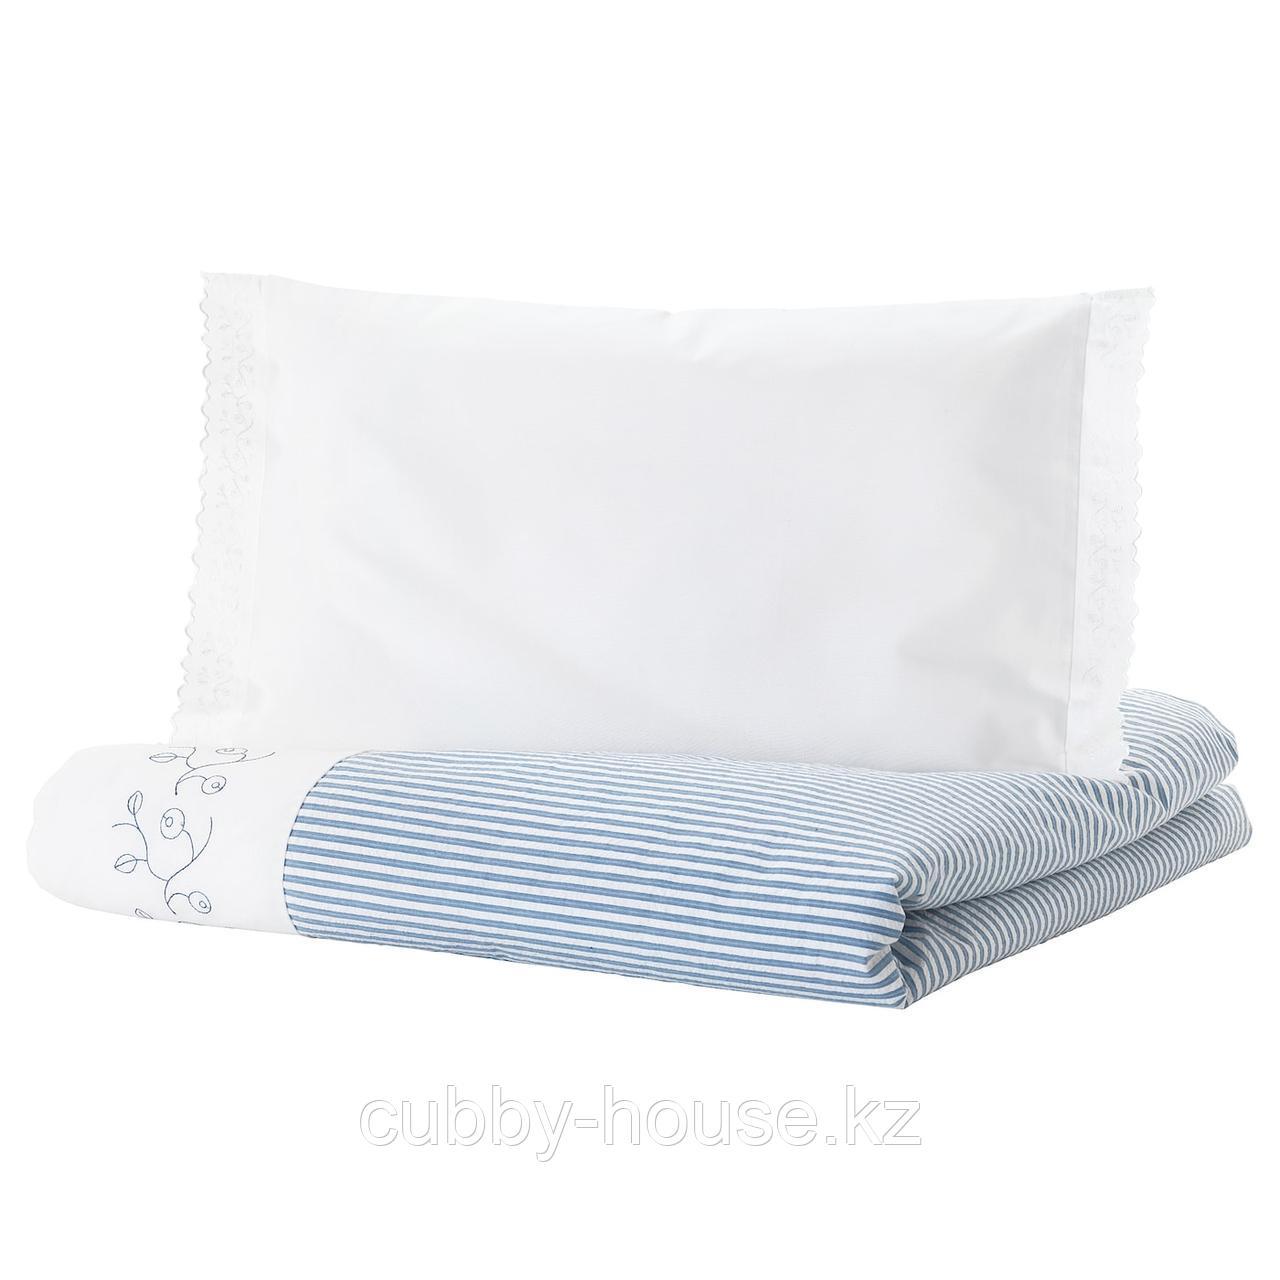 ГУЛСПАРВ Пододеяльник, наволочка д/кроватки, в полоску, синий, 110x125/35x55 см